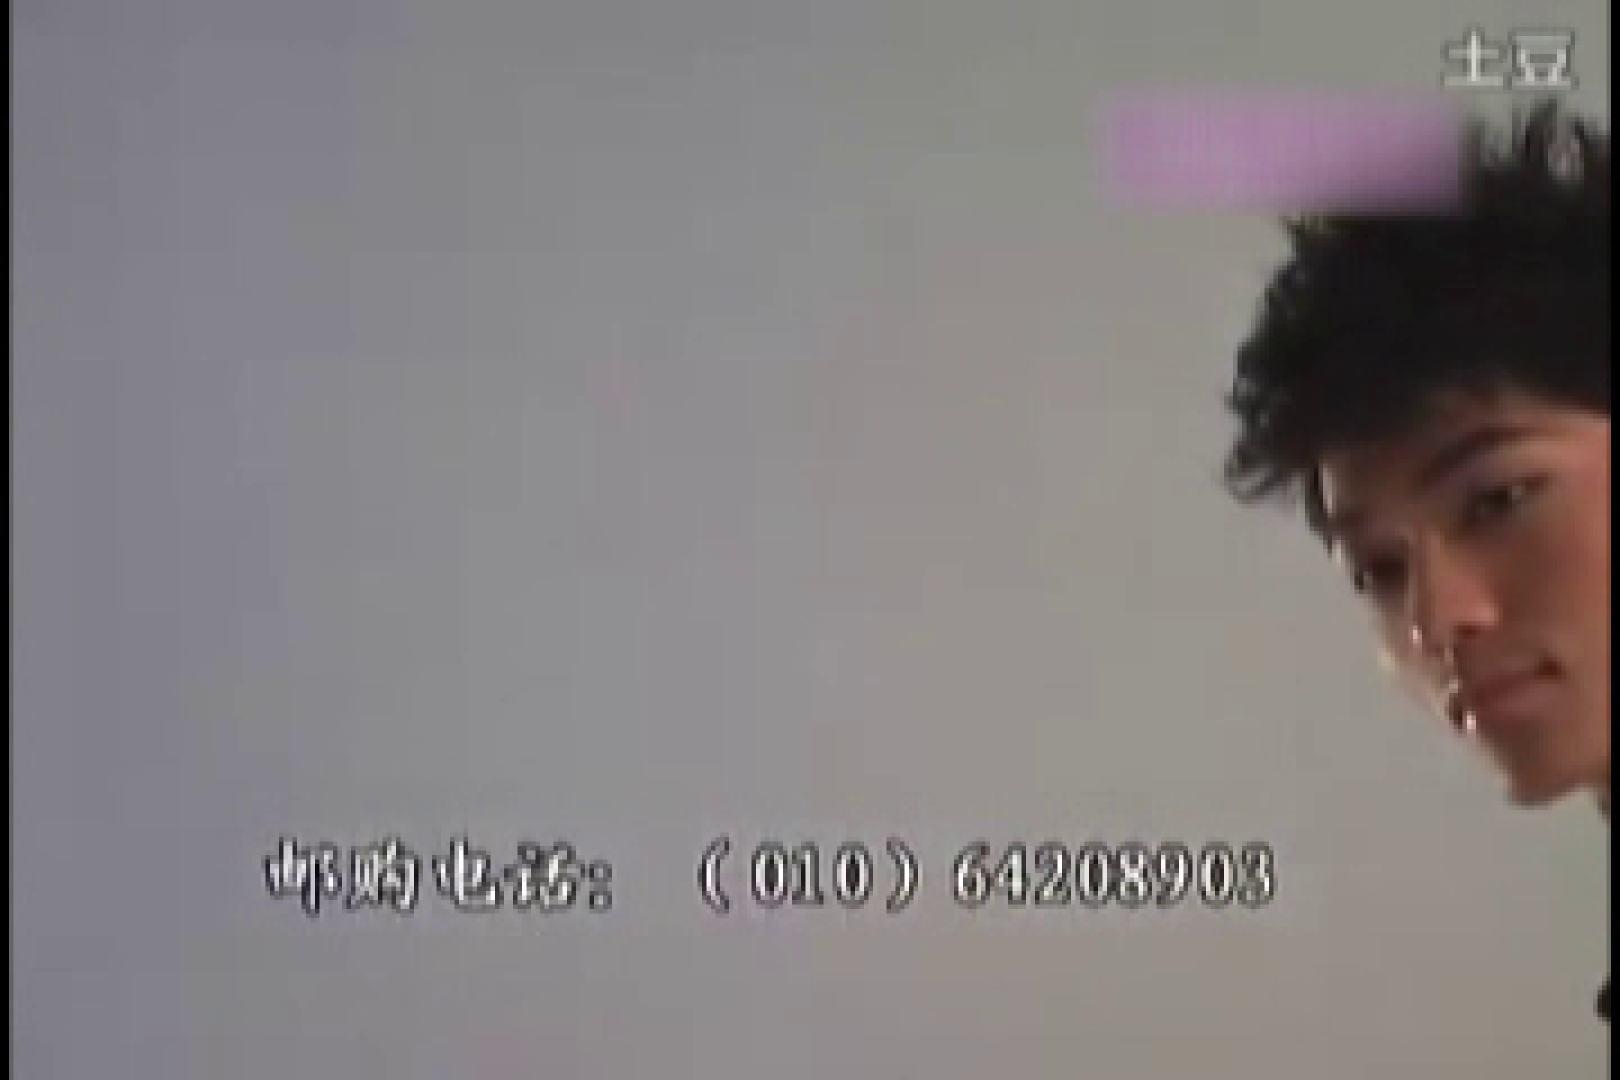 中出有名ゲイ雑誌★魅力●生★付録DVD収録スーパーモデルヌードvol6 モデル アダルトビデオ画像キャプチャ 69pic